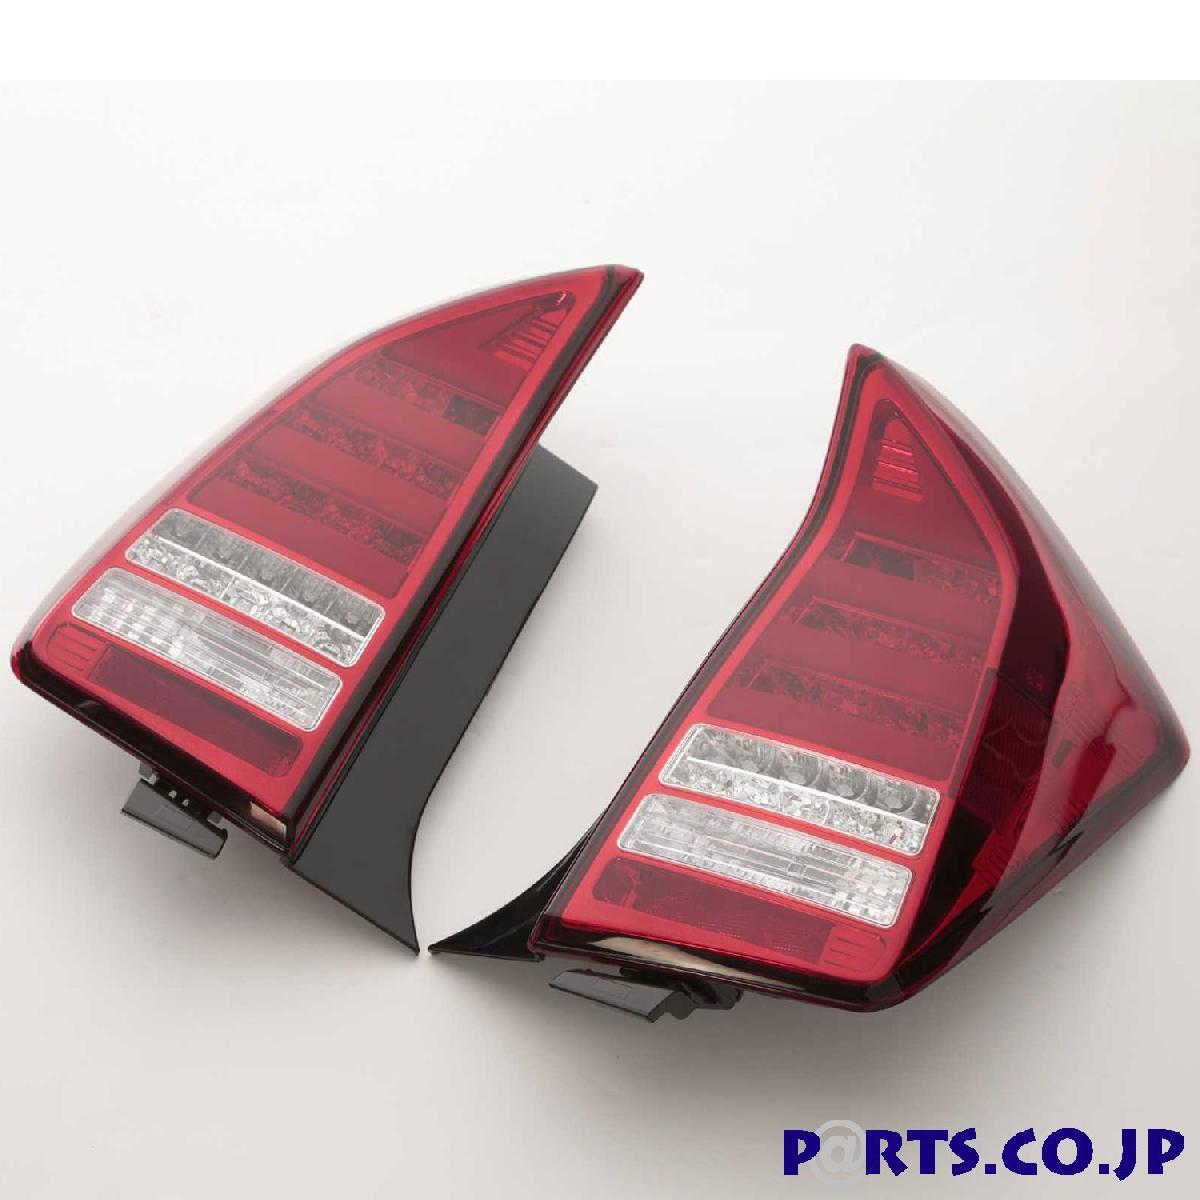 SONAR(ソナー) テールライト トヨタ プリウス LED ライトバー テール レンズ レッド&クリスタル 30系プリウス シーケンシャルウィンカー